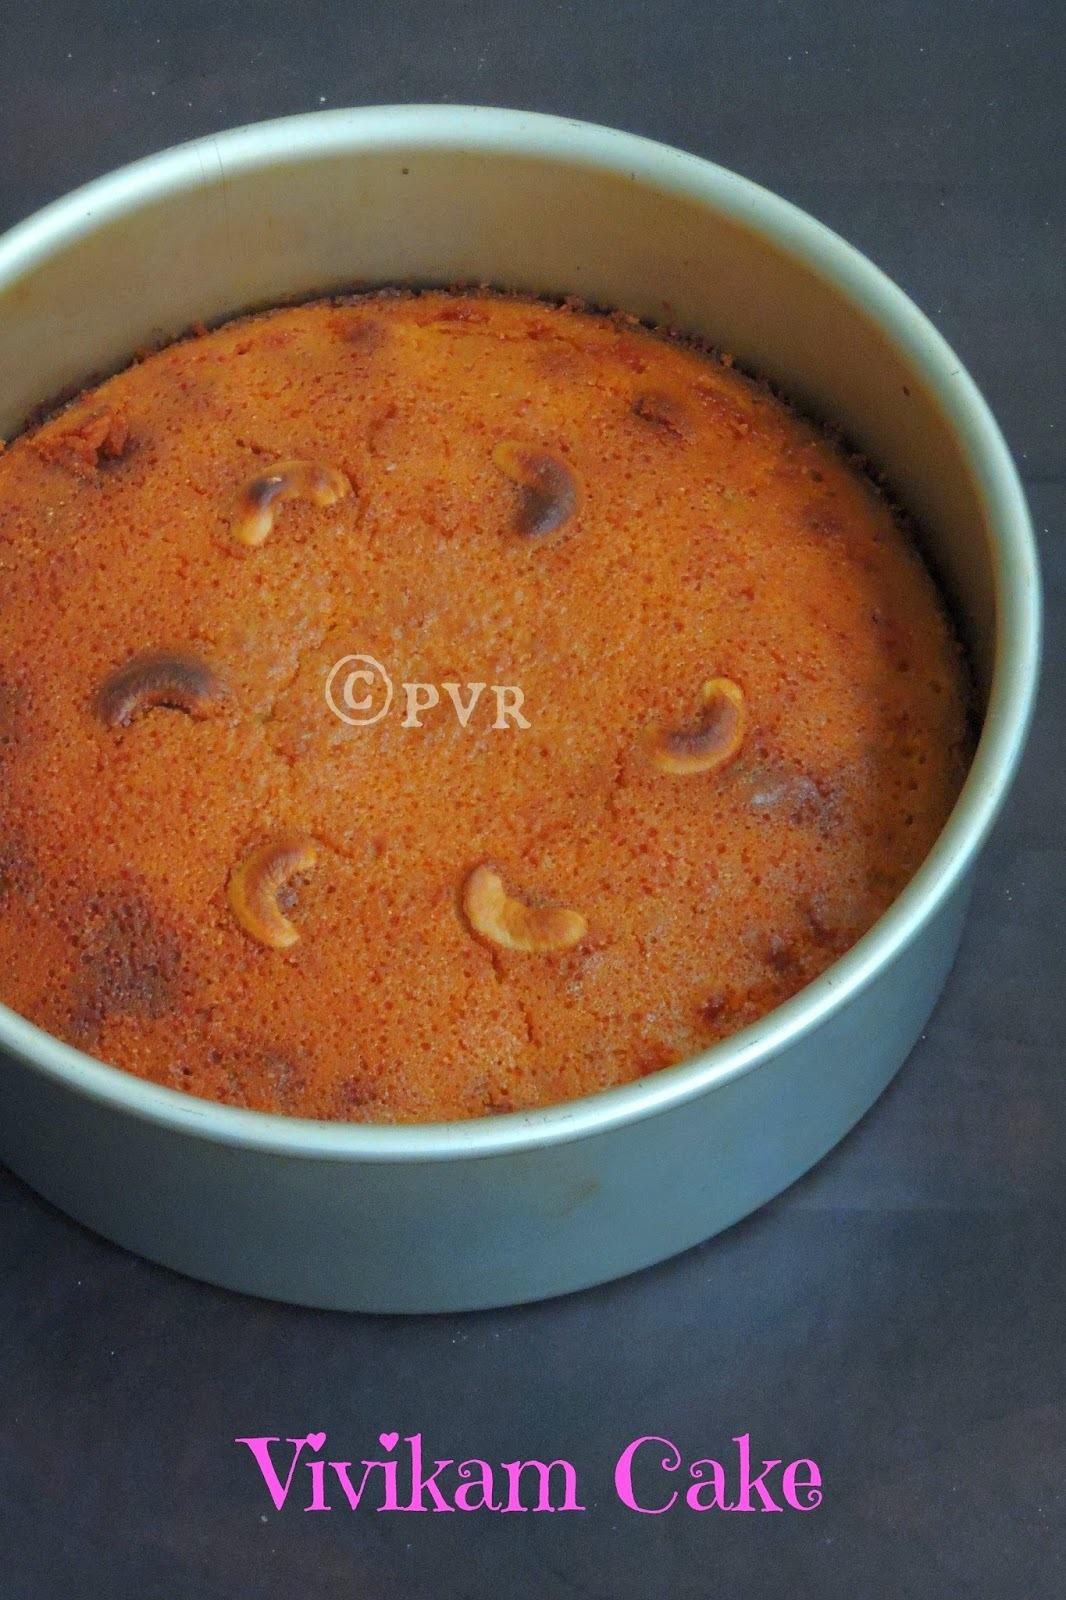 Vivikam Cake/Vivikum Cake -  Pondicherry Christmas Cake